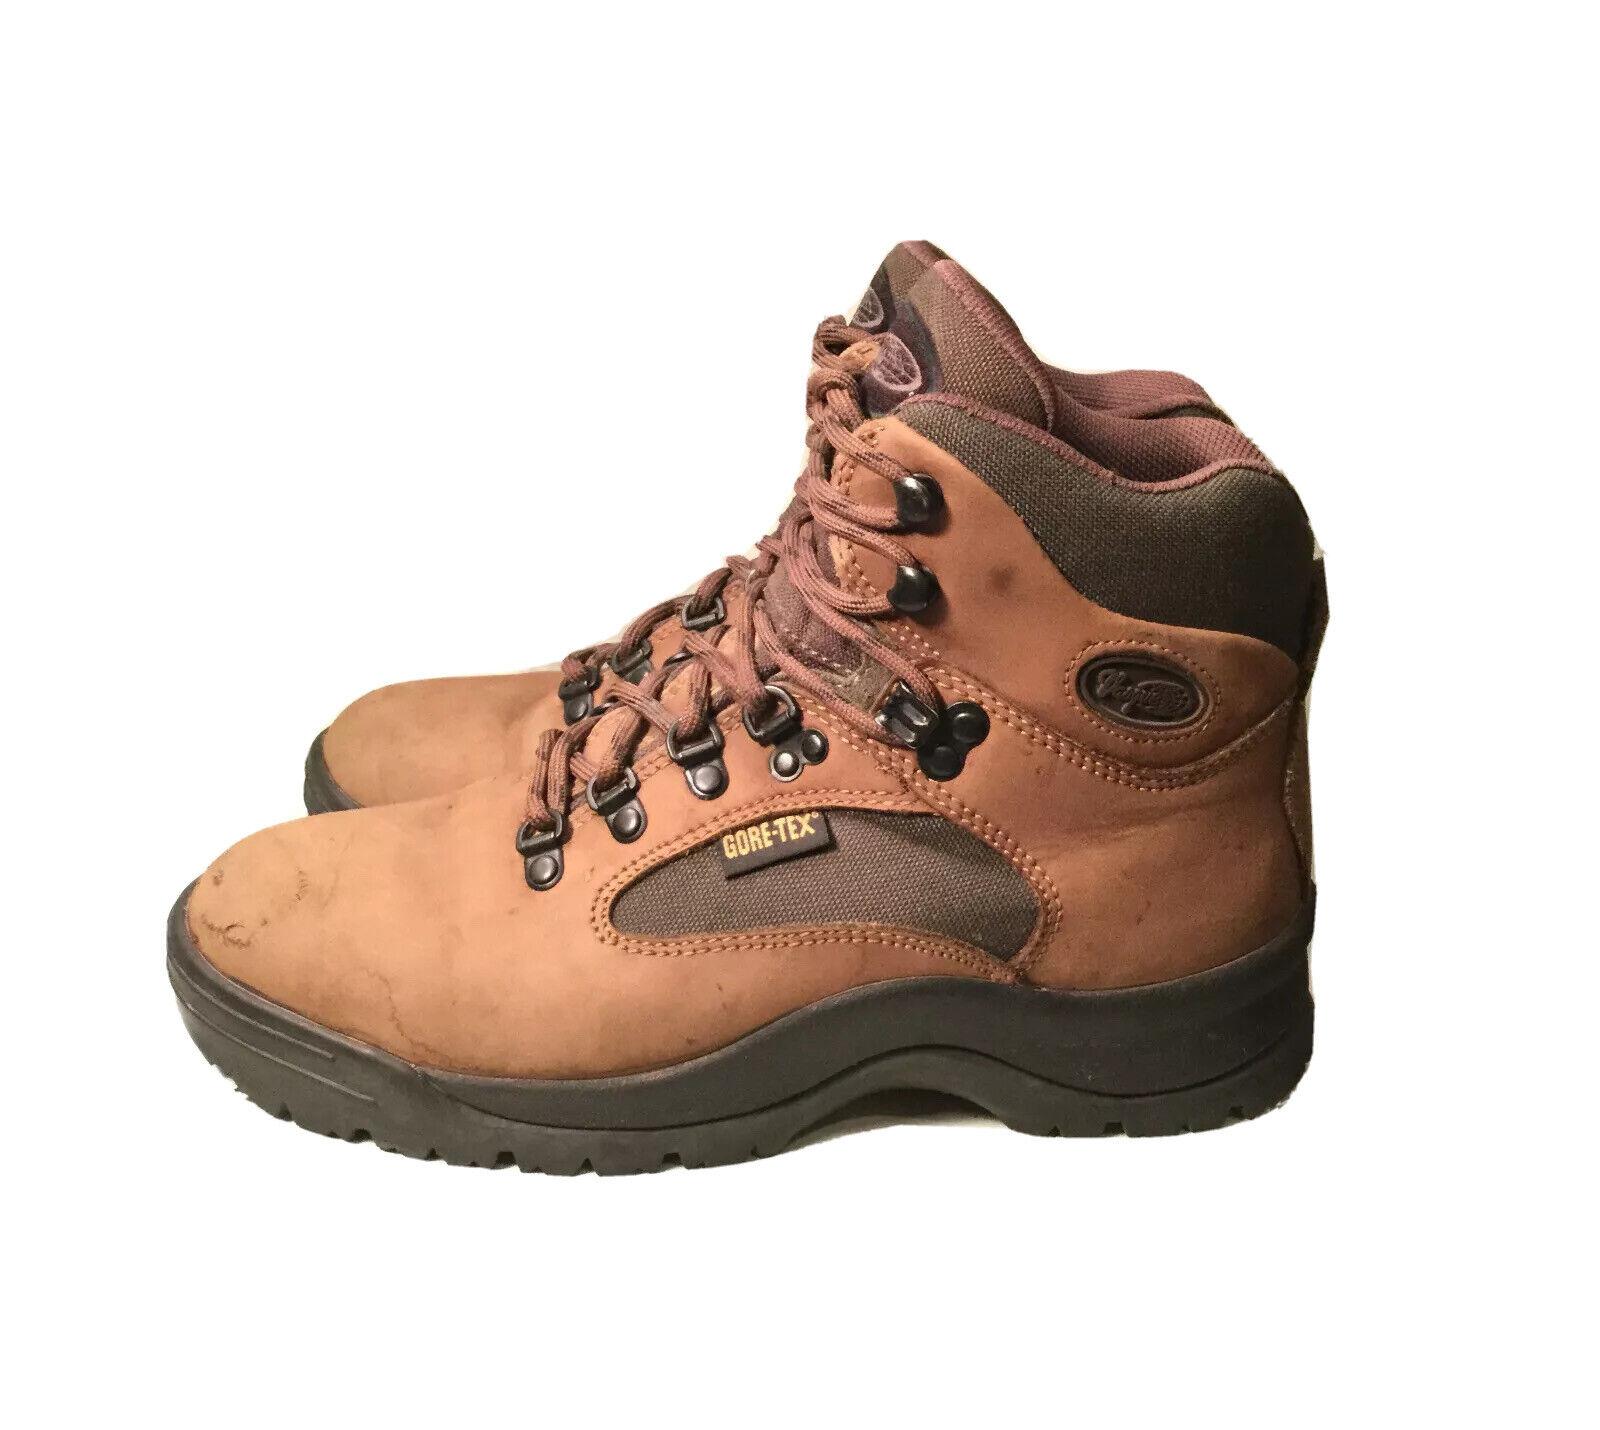 Vasque 7151 Men's GTX Hiking Boots